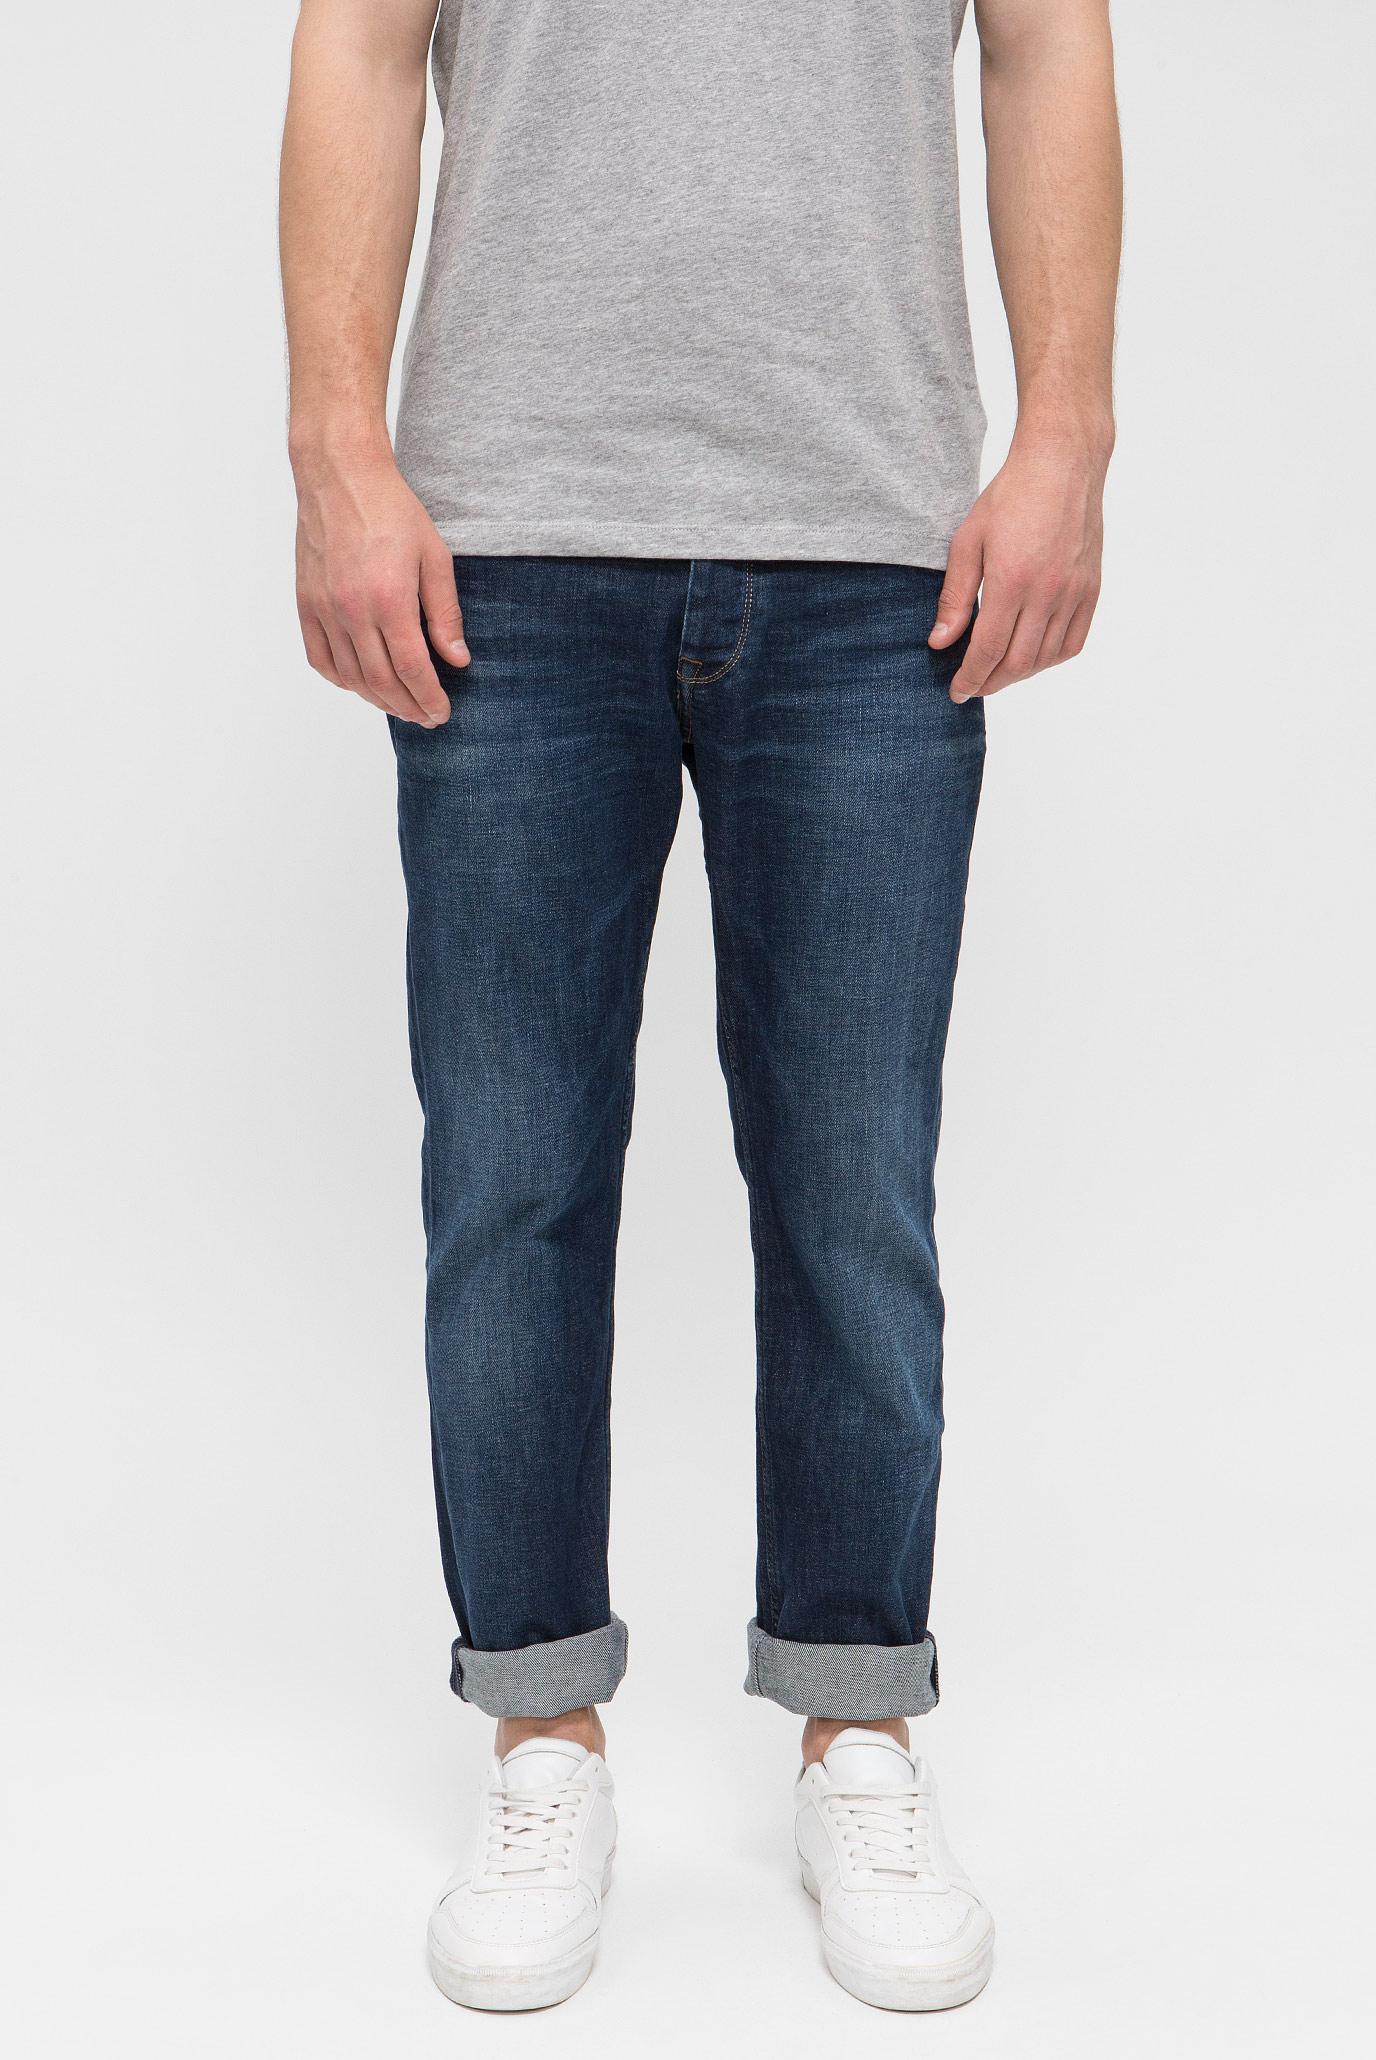 Купить Мужские темно-синие джинсы CASH Pepe Jeans Pepe Jeans PM200124CH32 – Киев, Украина. Цены в интернет магазине MD Fashion